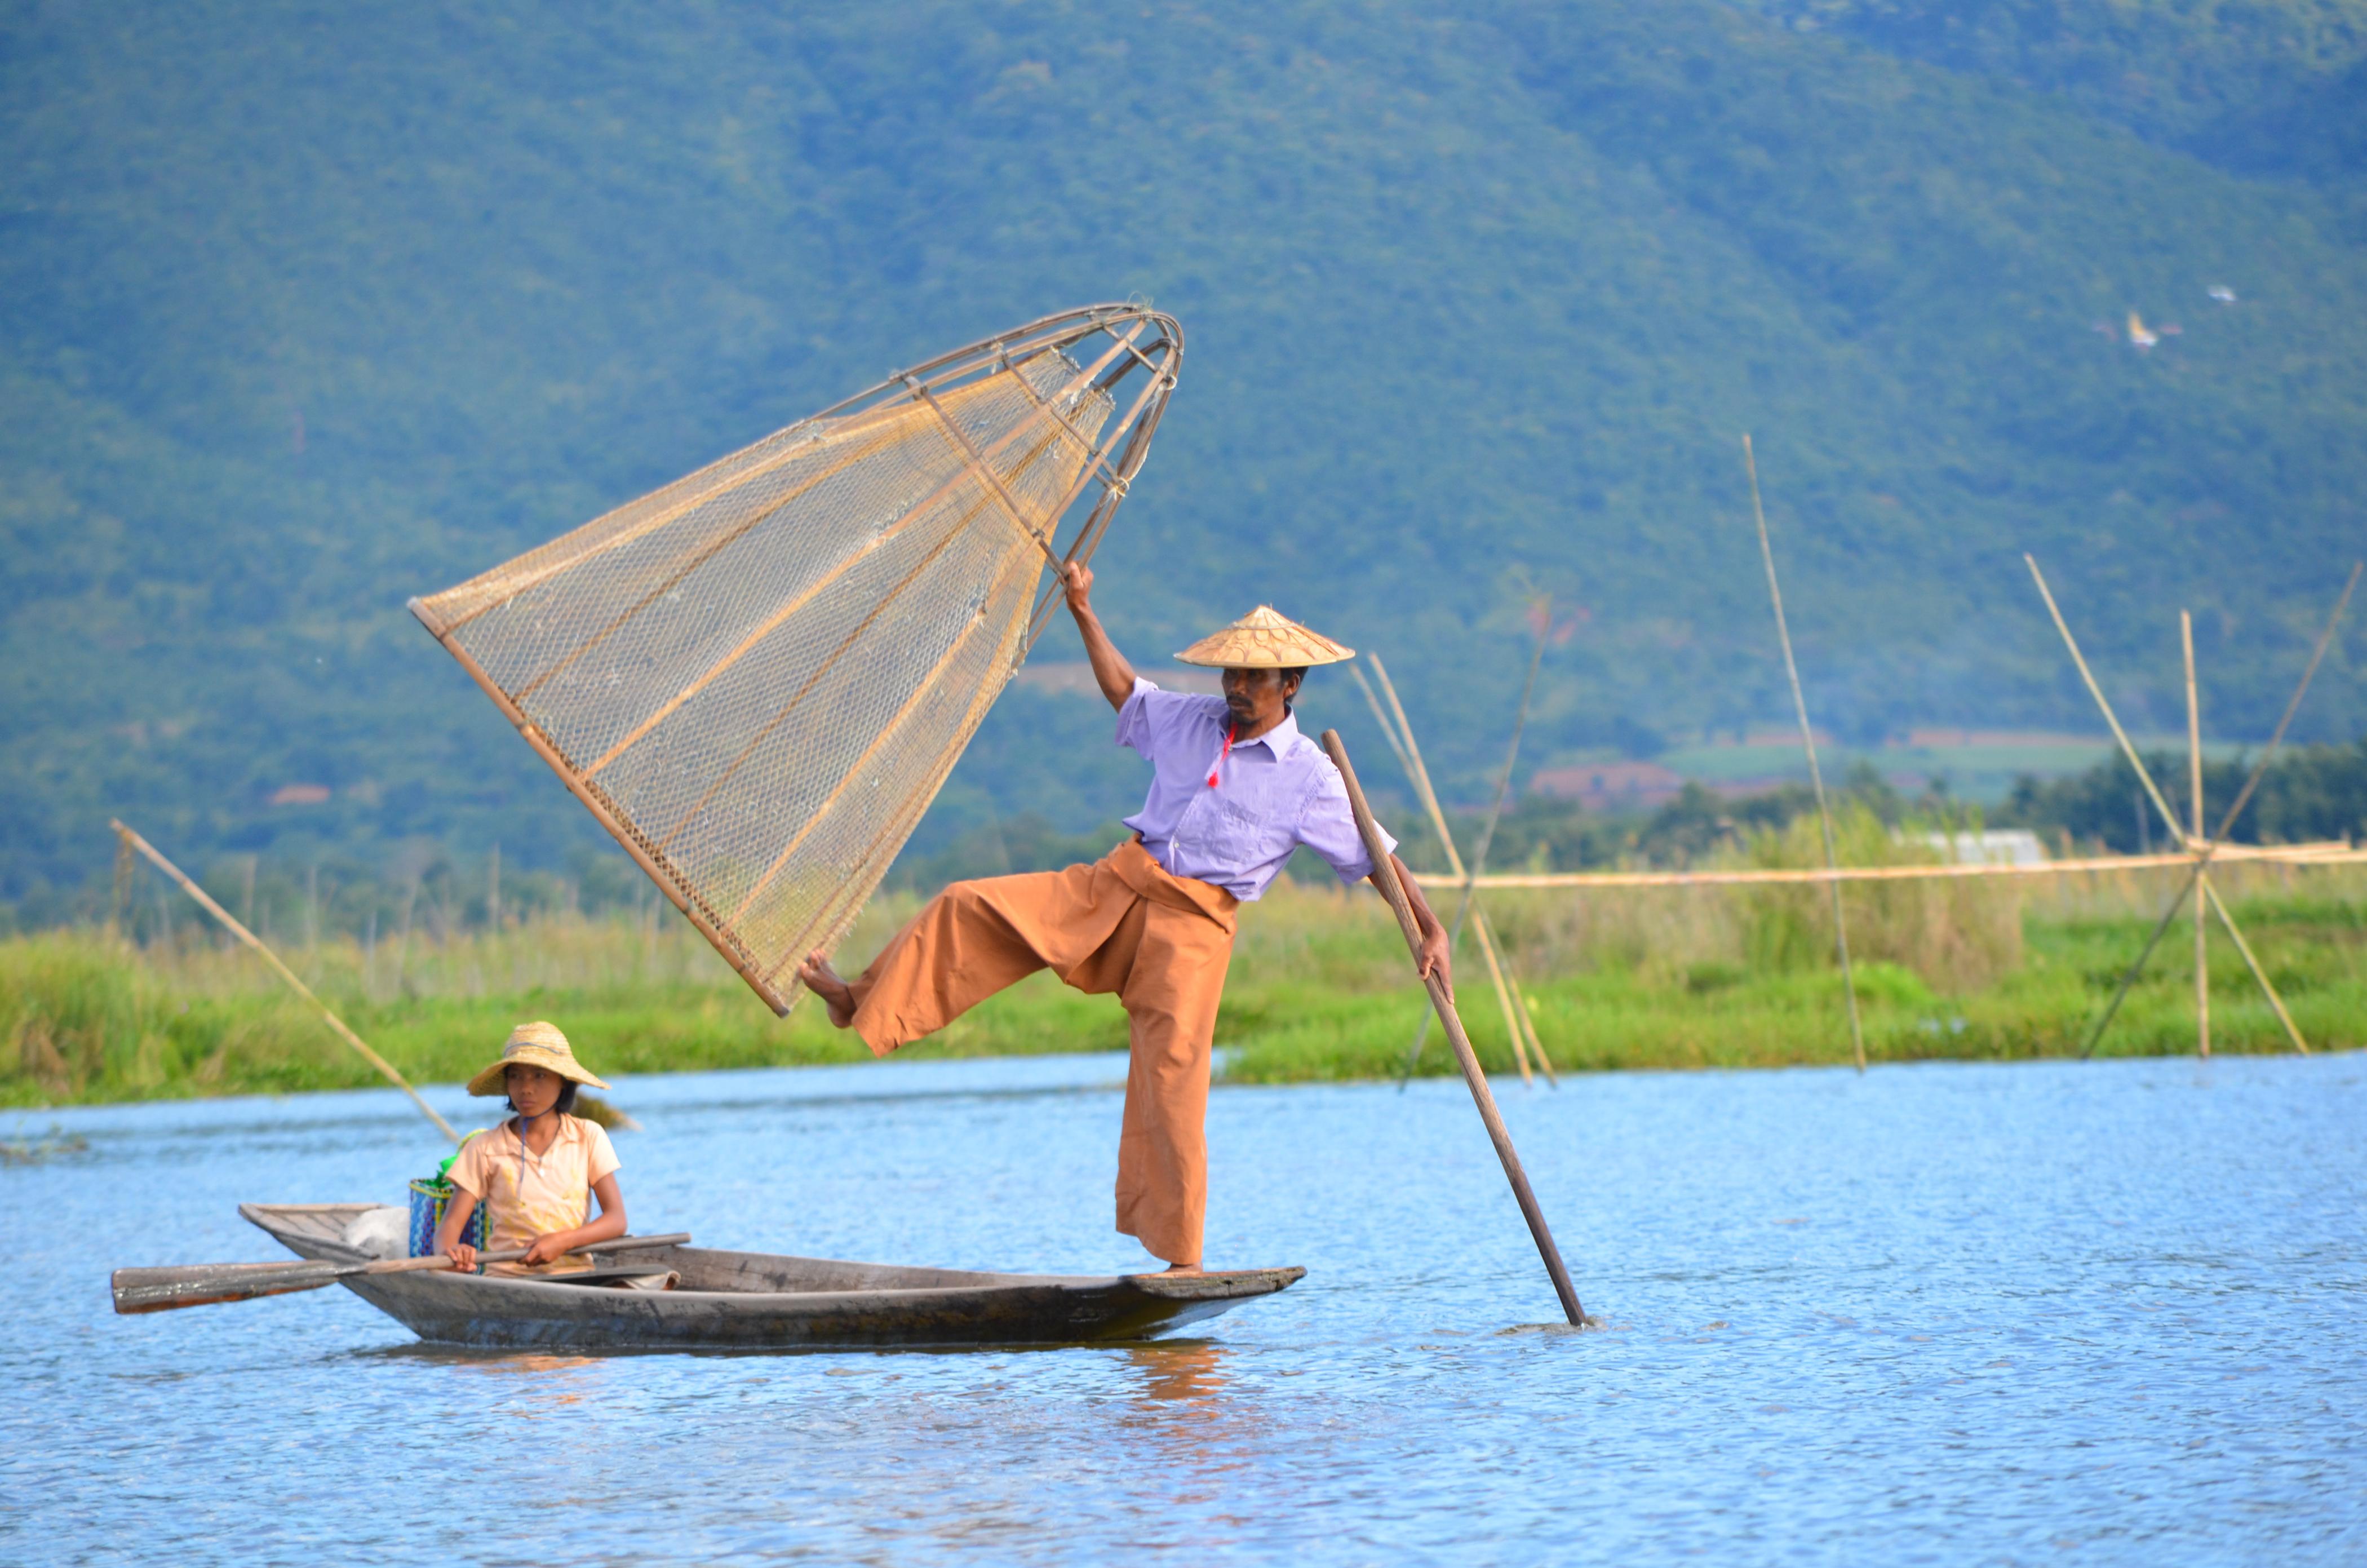 Backpacking in Myanmar? Nicht ohne ein gültiges Touristenvisum!